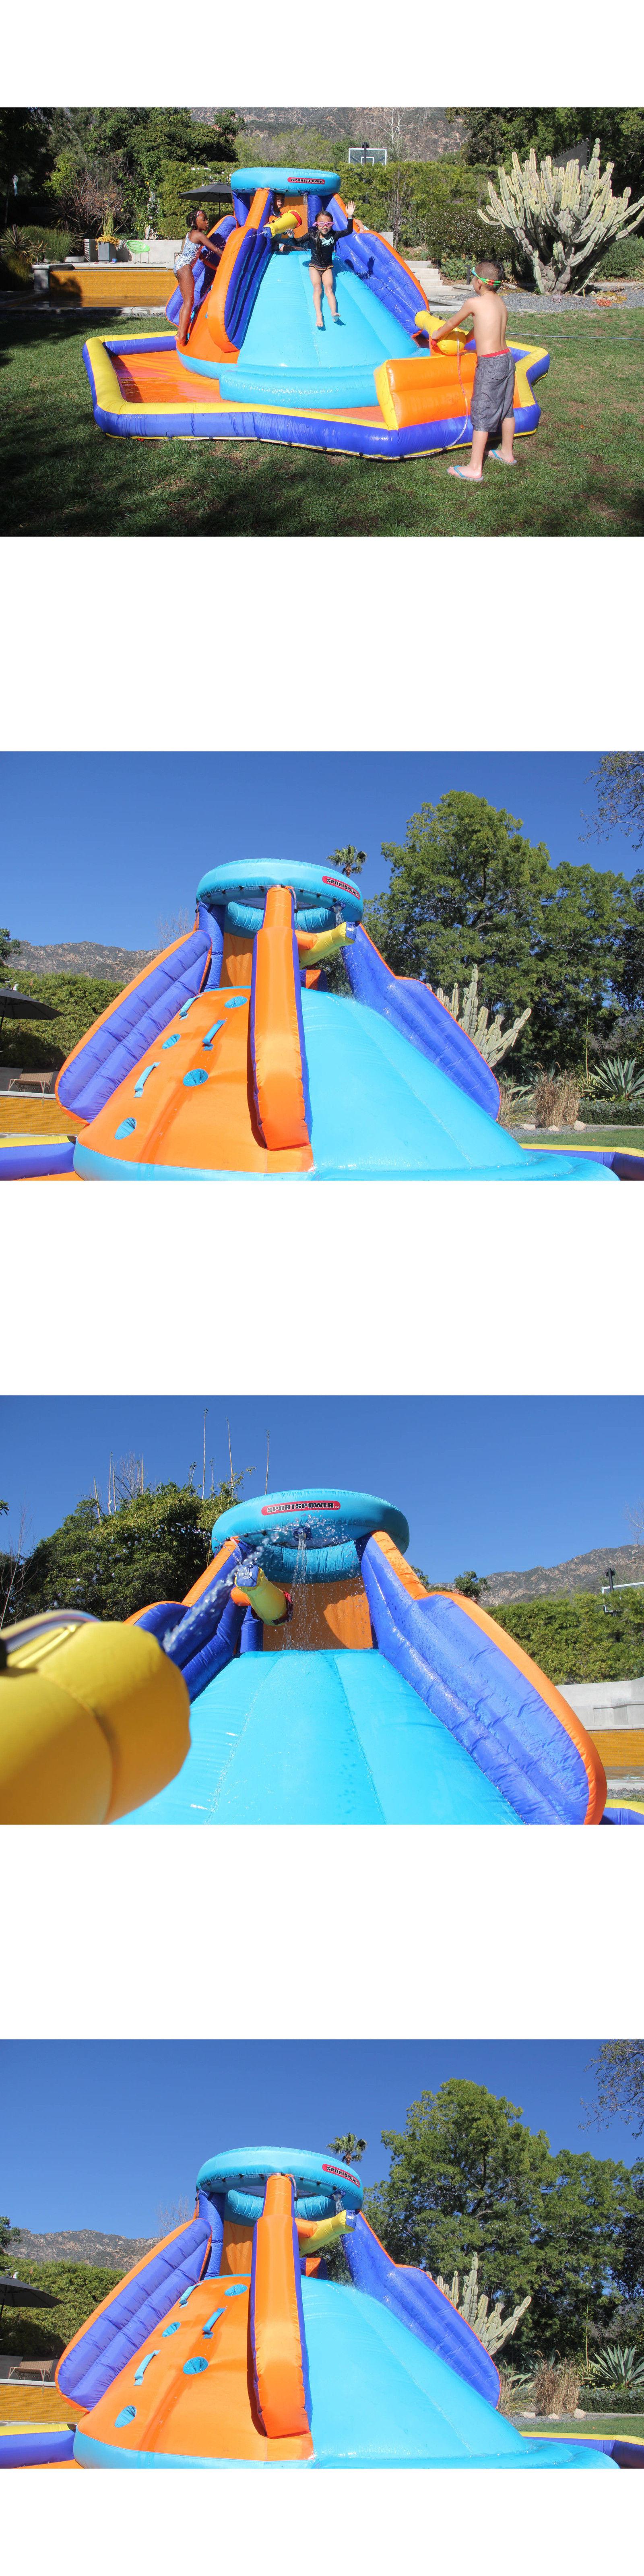 water slides 145992 inflatable water slide splash park large